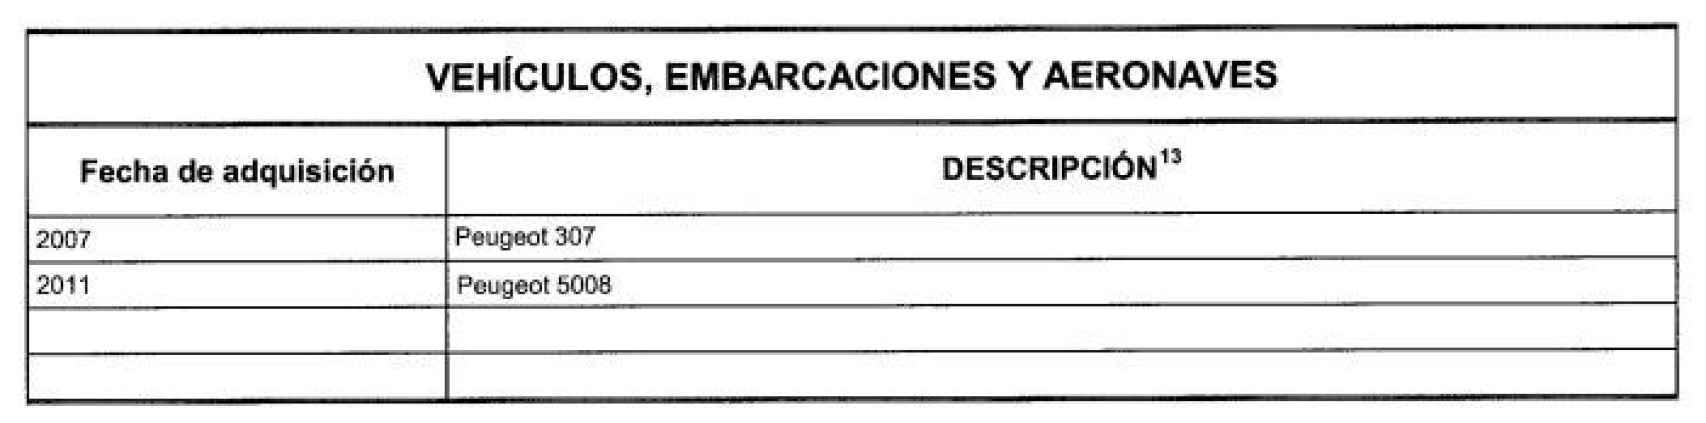 Los vehículos declarados por Teresa Ribera en la base de datos del Congreso